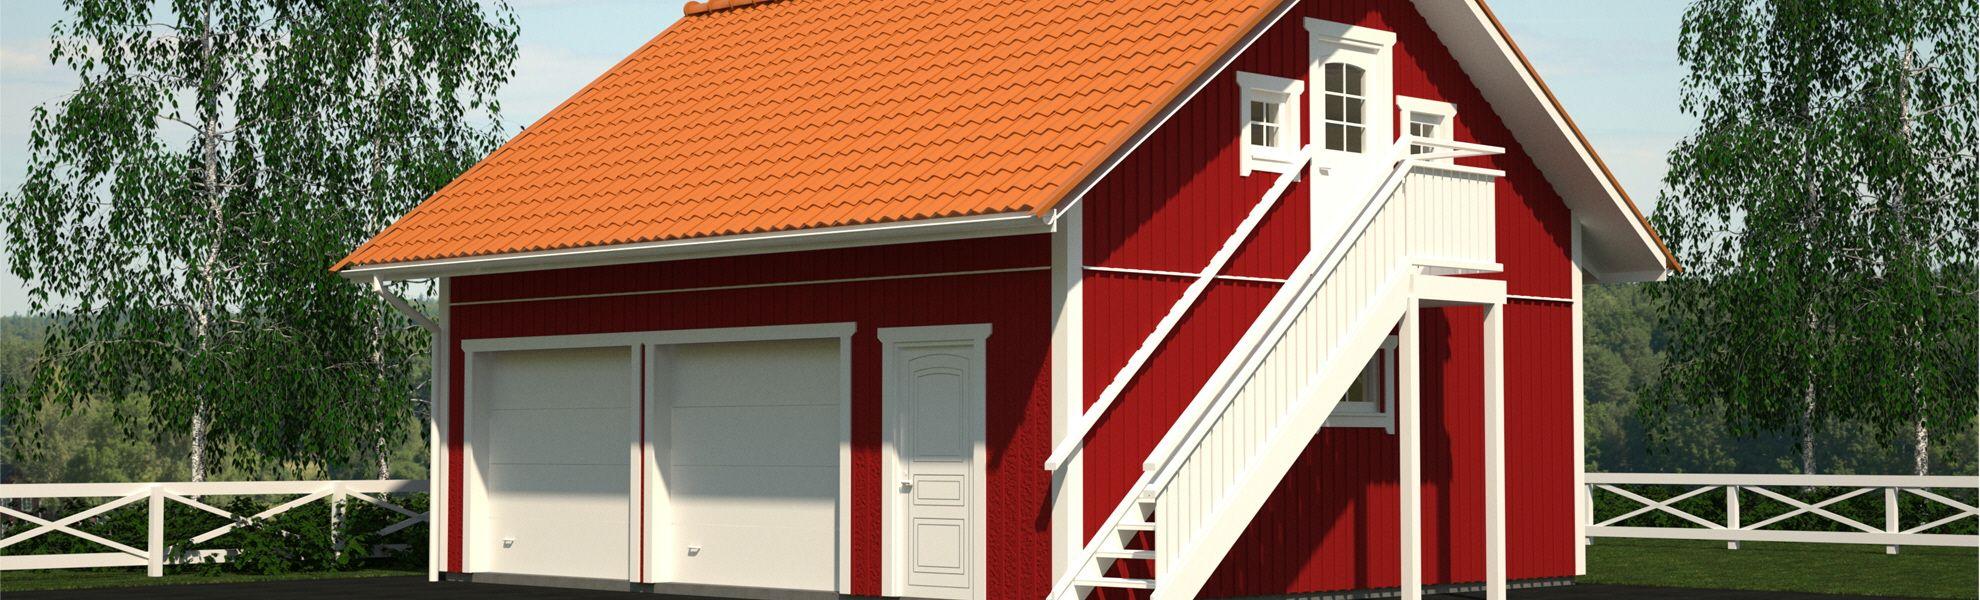 Garage med inredningsbar vind Garage